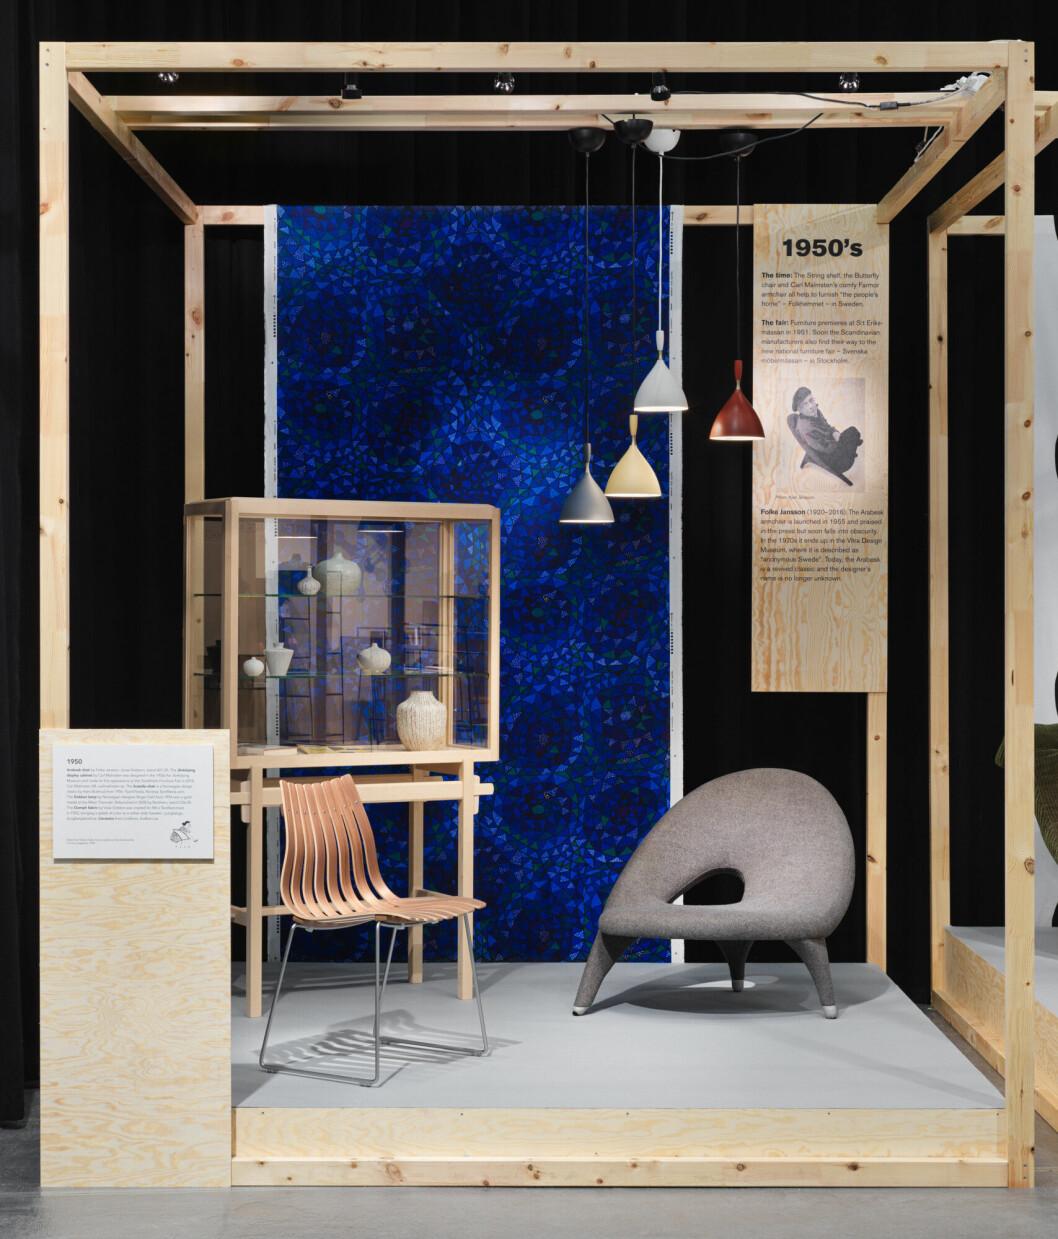 70 år av skandinavisk design - utställning på möbelmässan 2020